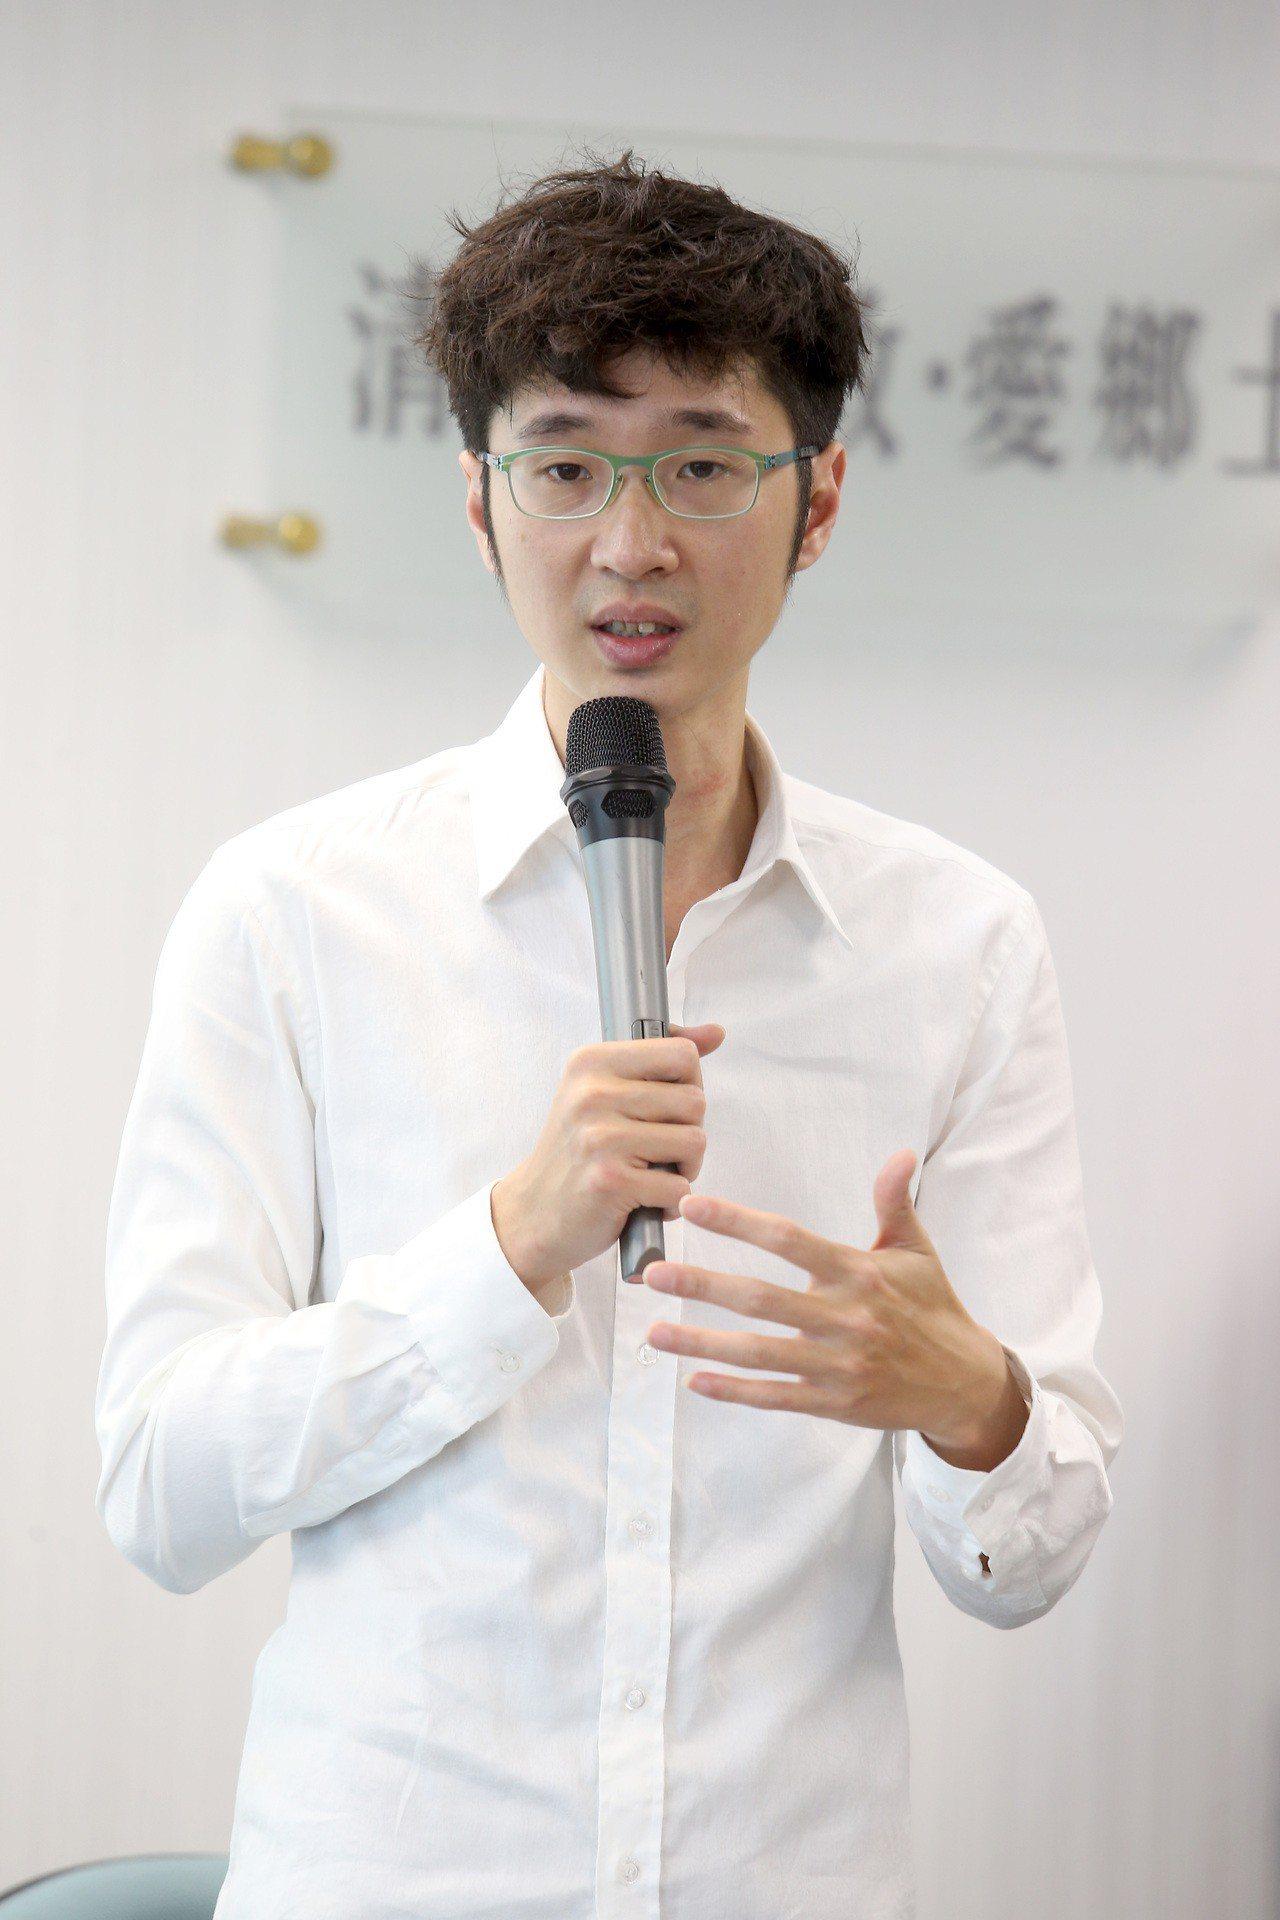 時事評論員認為郭台銘有很高的機率代表國民黨參選2020總統。本報資料照片